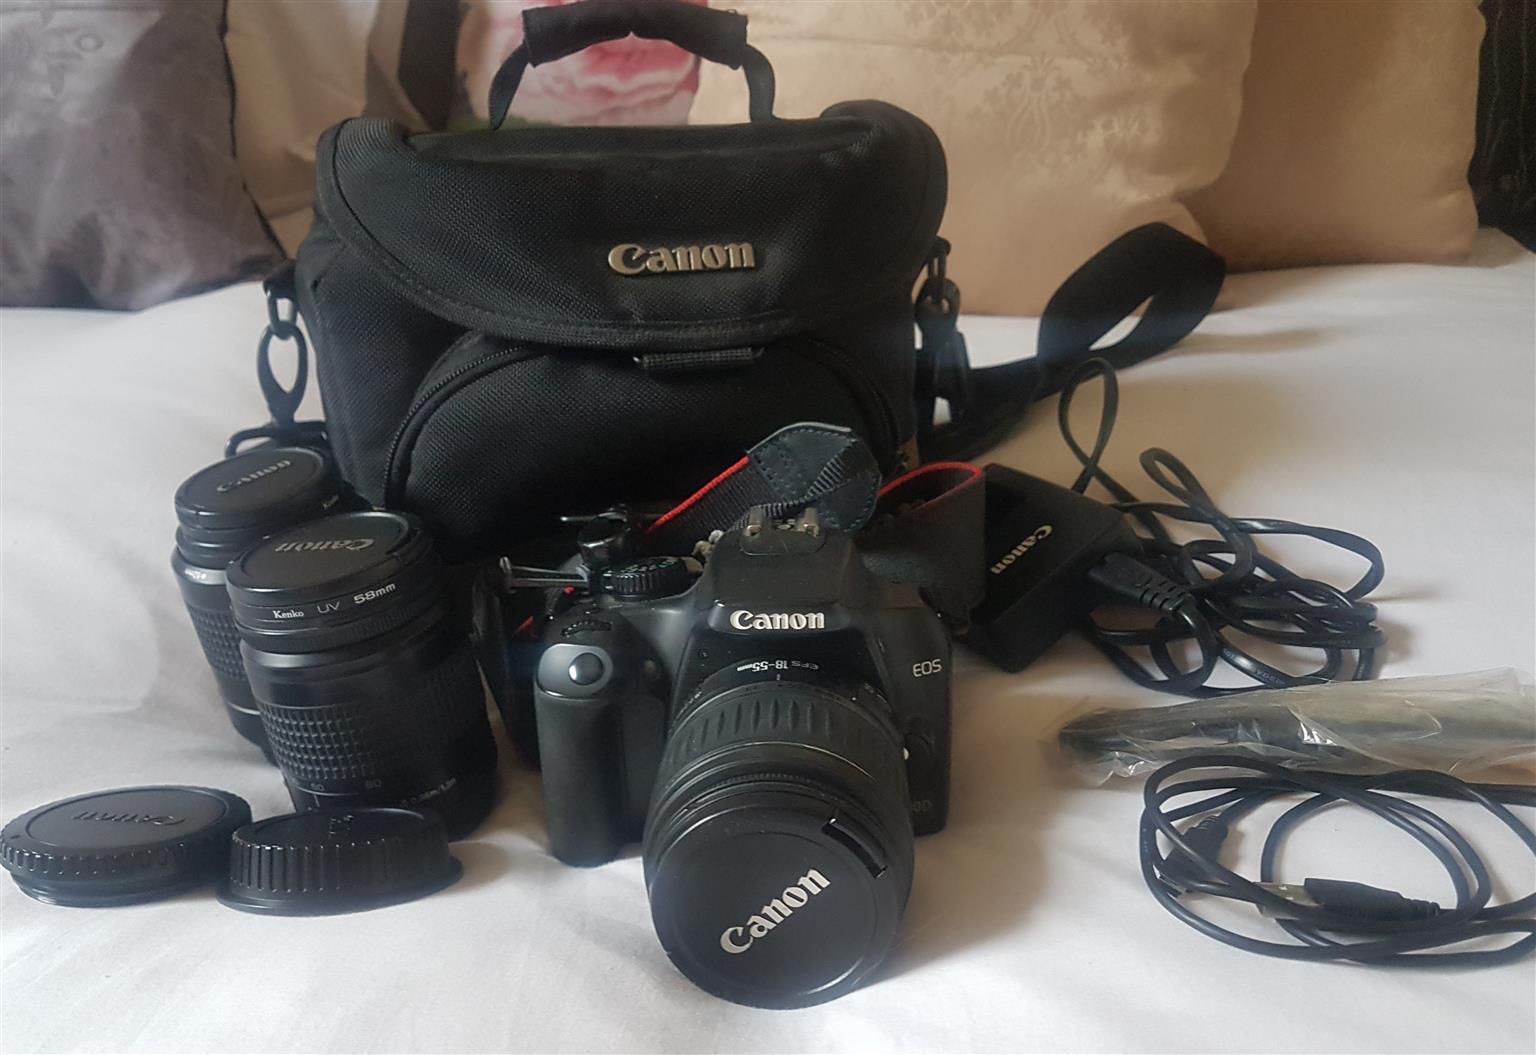 Canon EOS 1000D Camera & Accessories